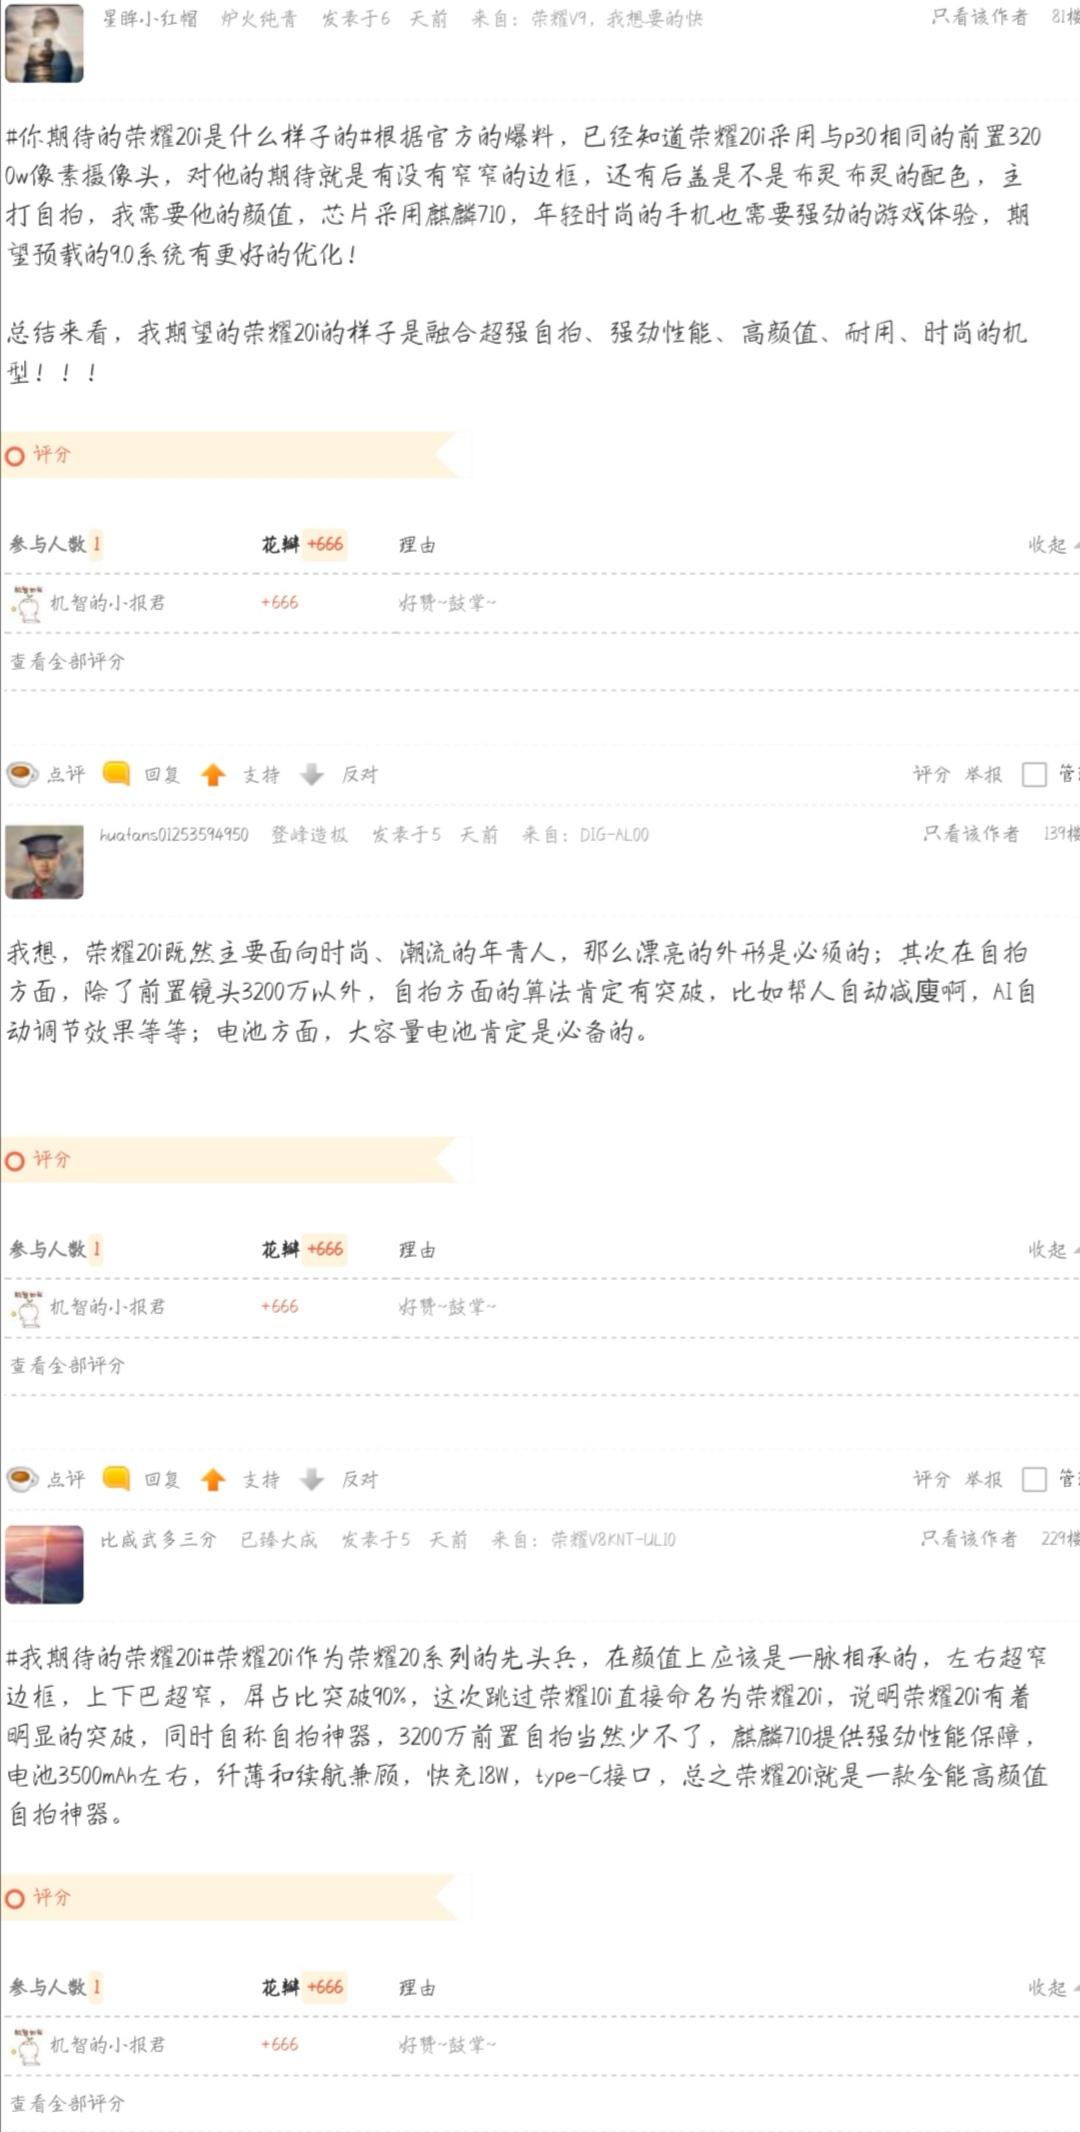 Screenshot_20190415_151503.jpg